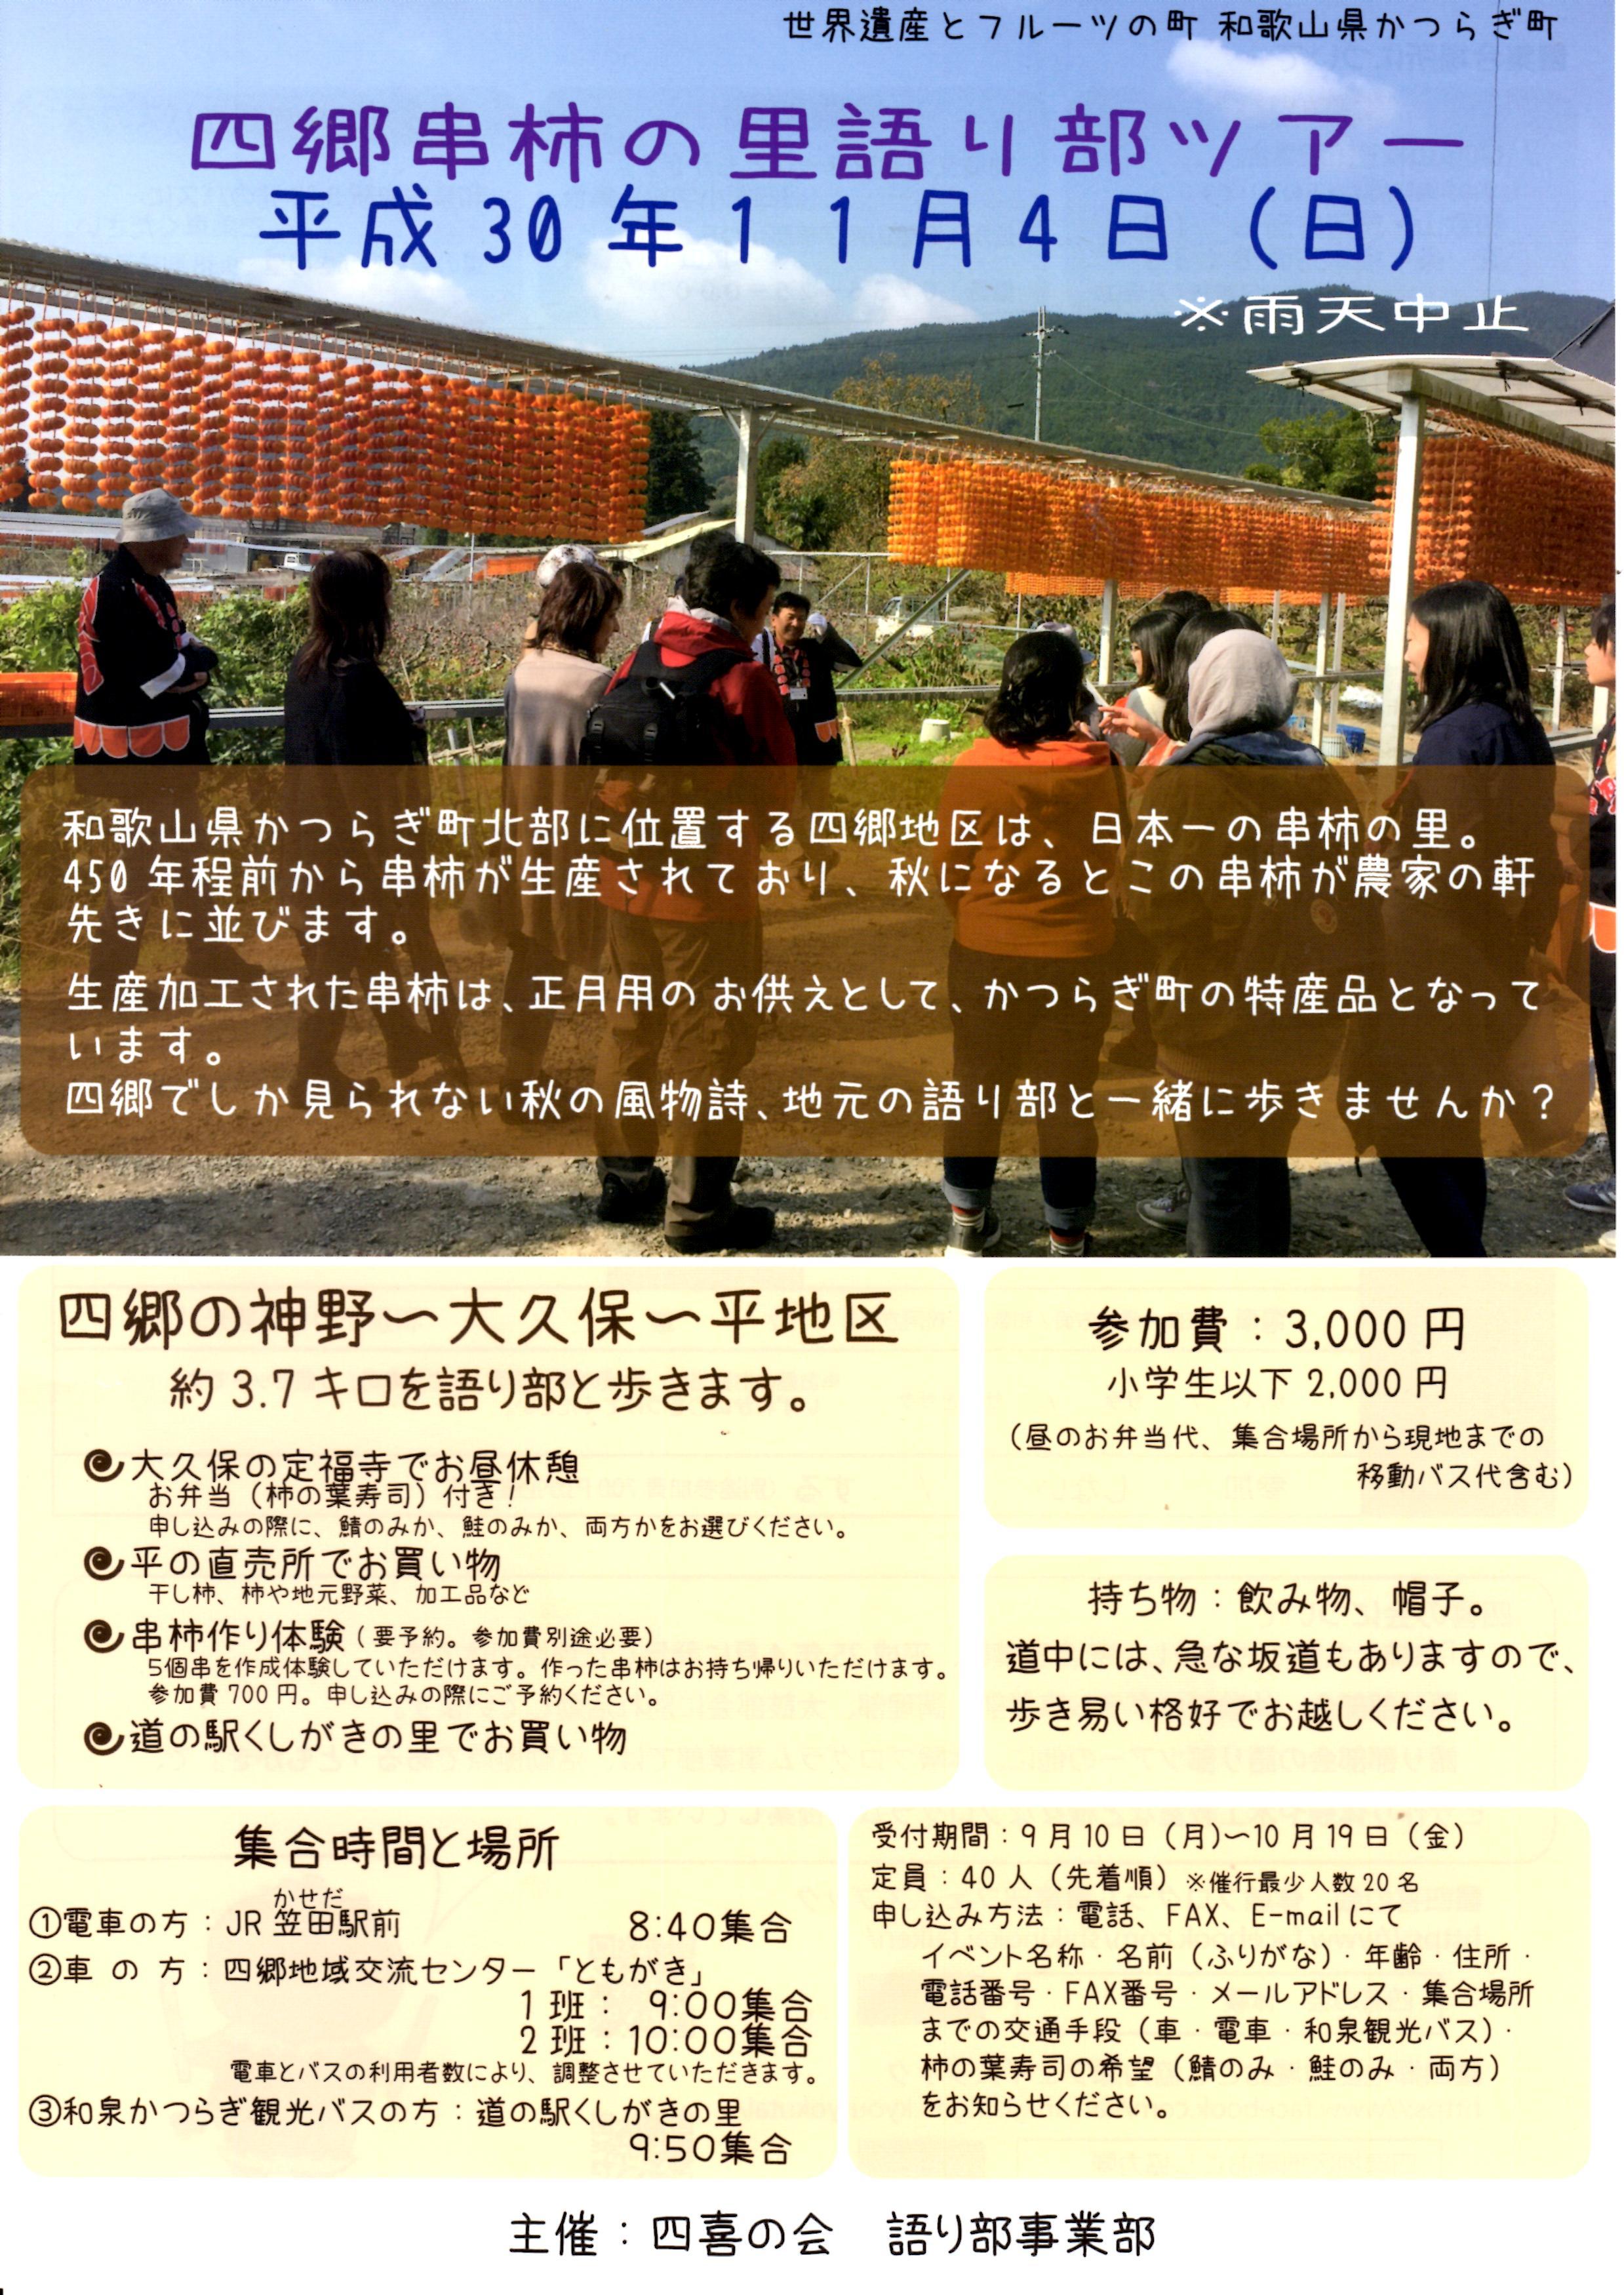 和泉かつらぎバスで出かけよう!~四郷串柿の里語り部ツアー平成30年11月4日(日)~